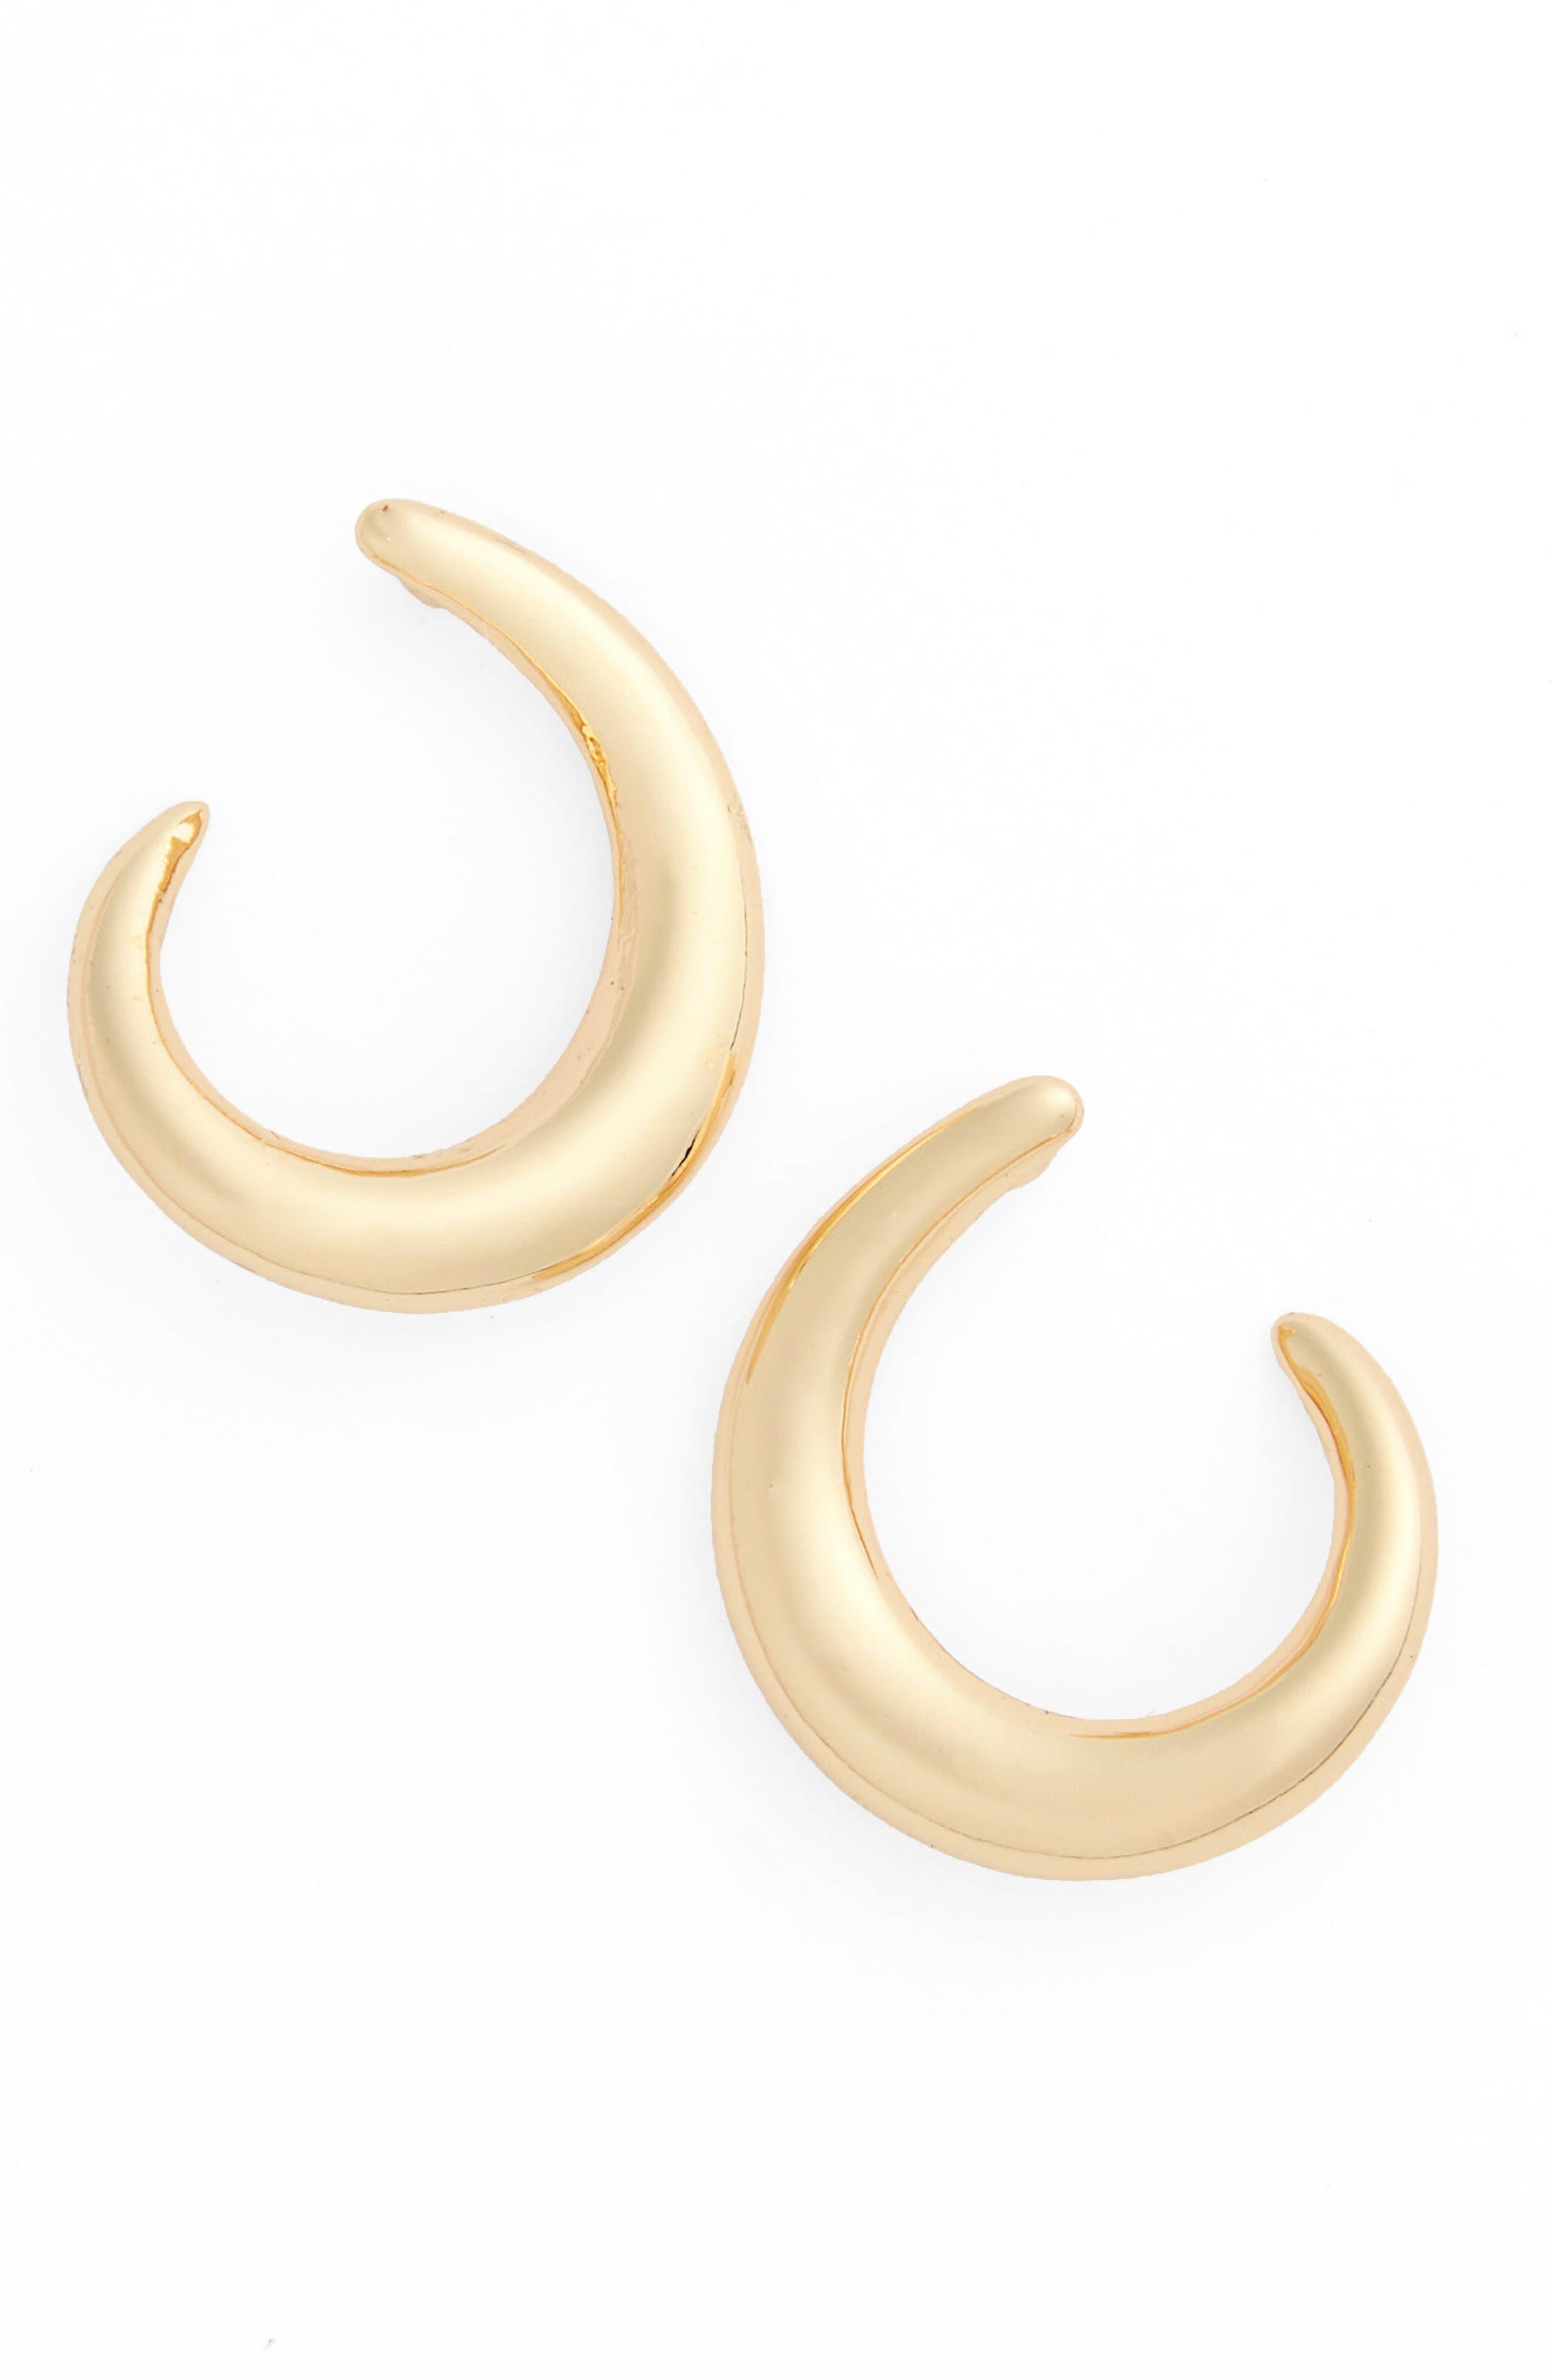 nordstrom half circle stud earrings nordstrom